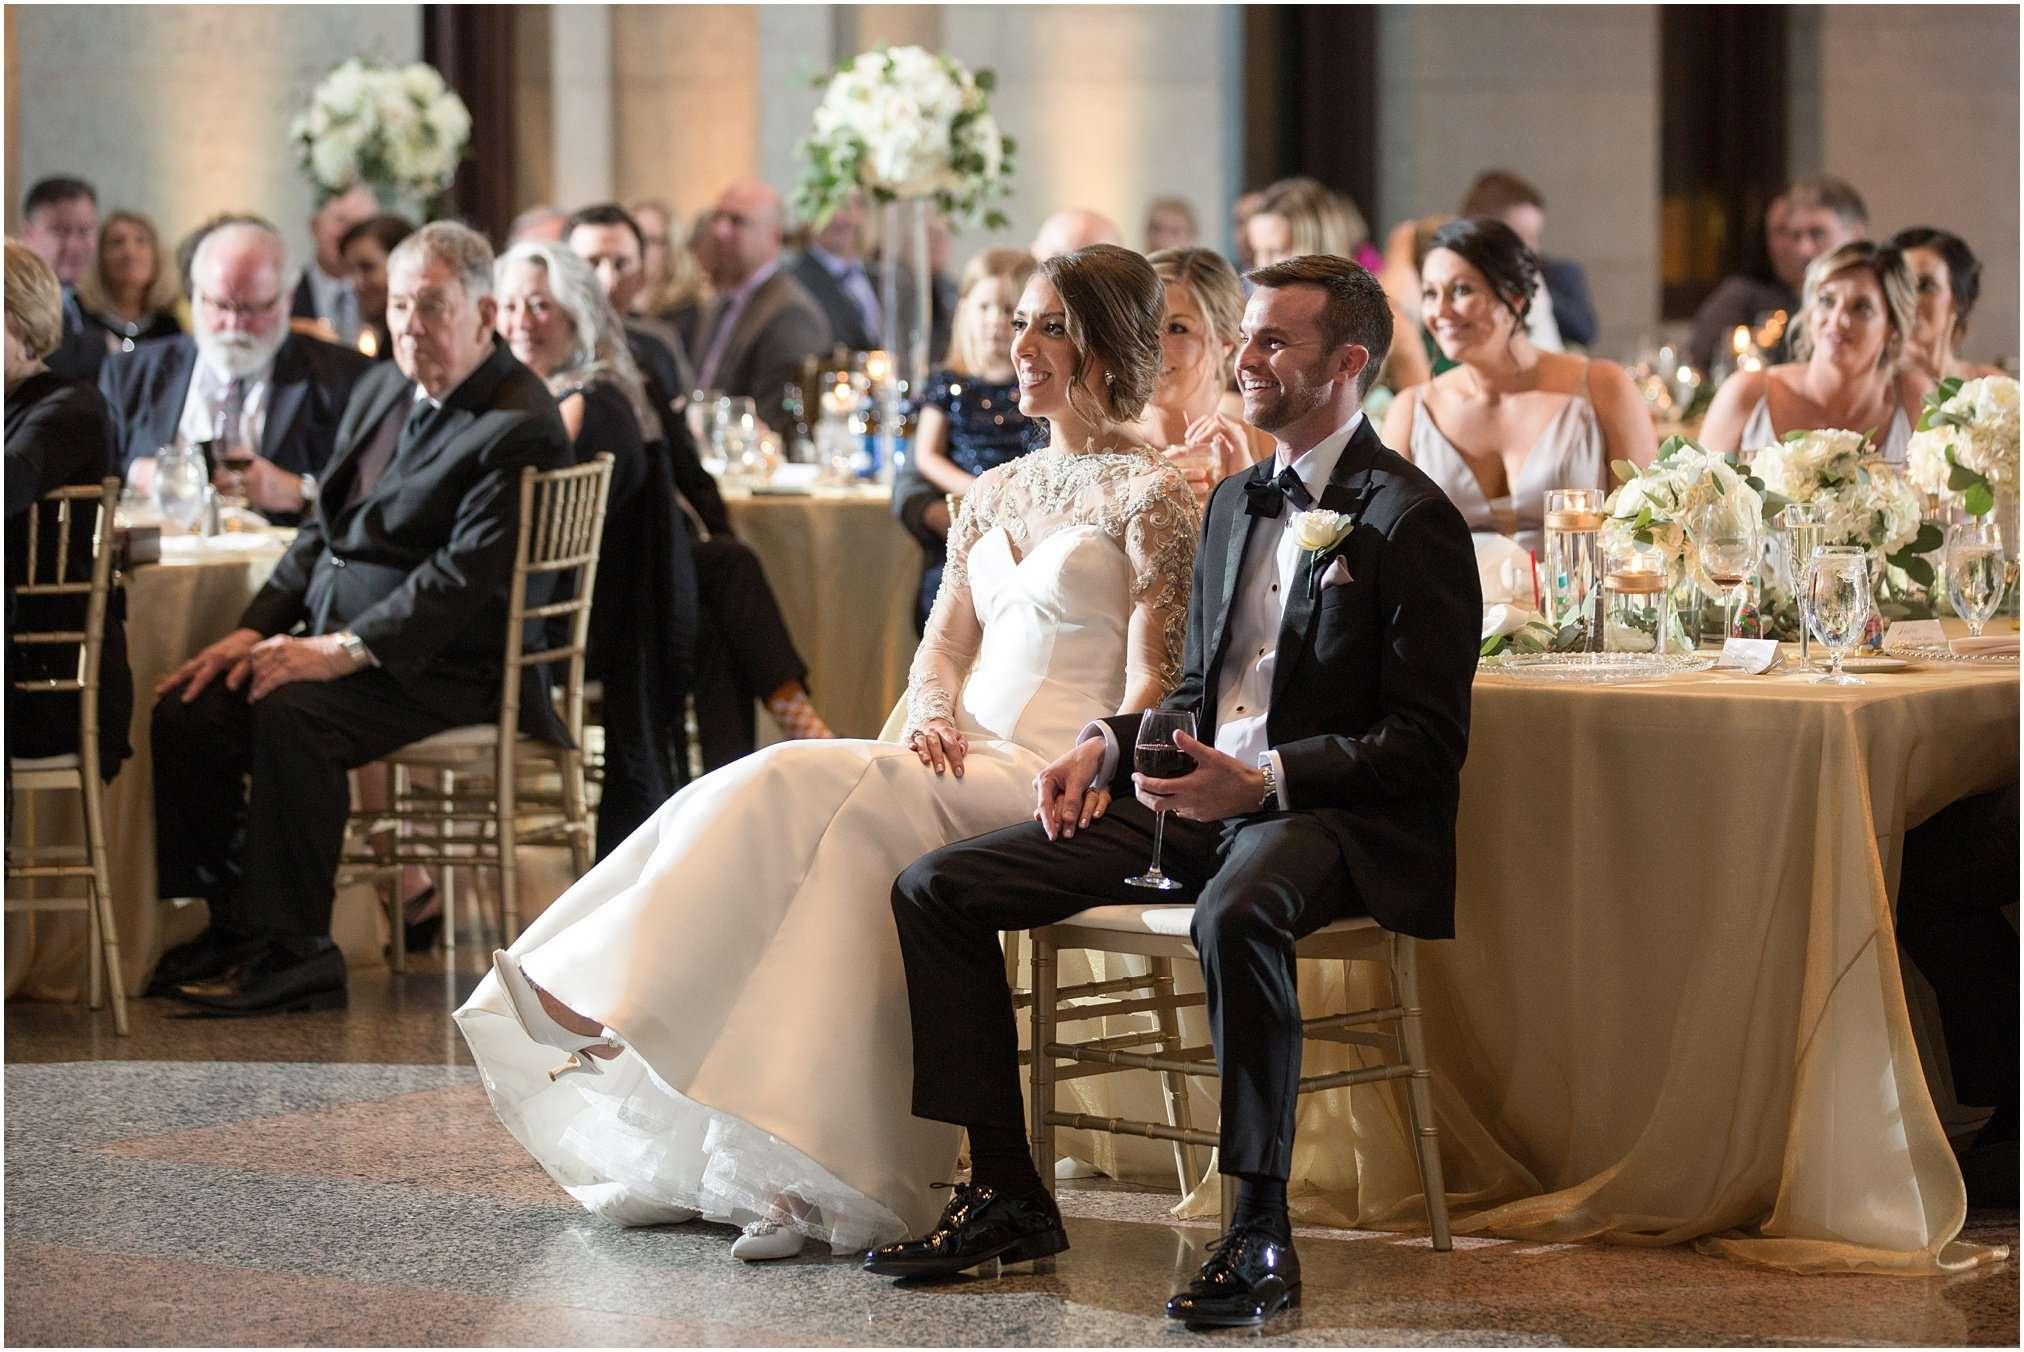 Spring Wedding at the Ohio Statehouse | Columbus Ohio Photography 184